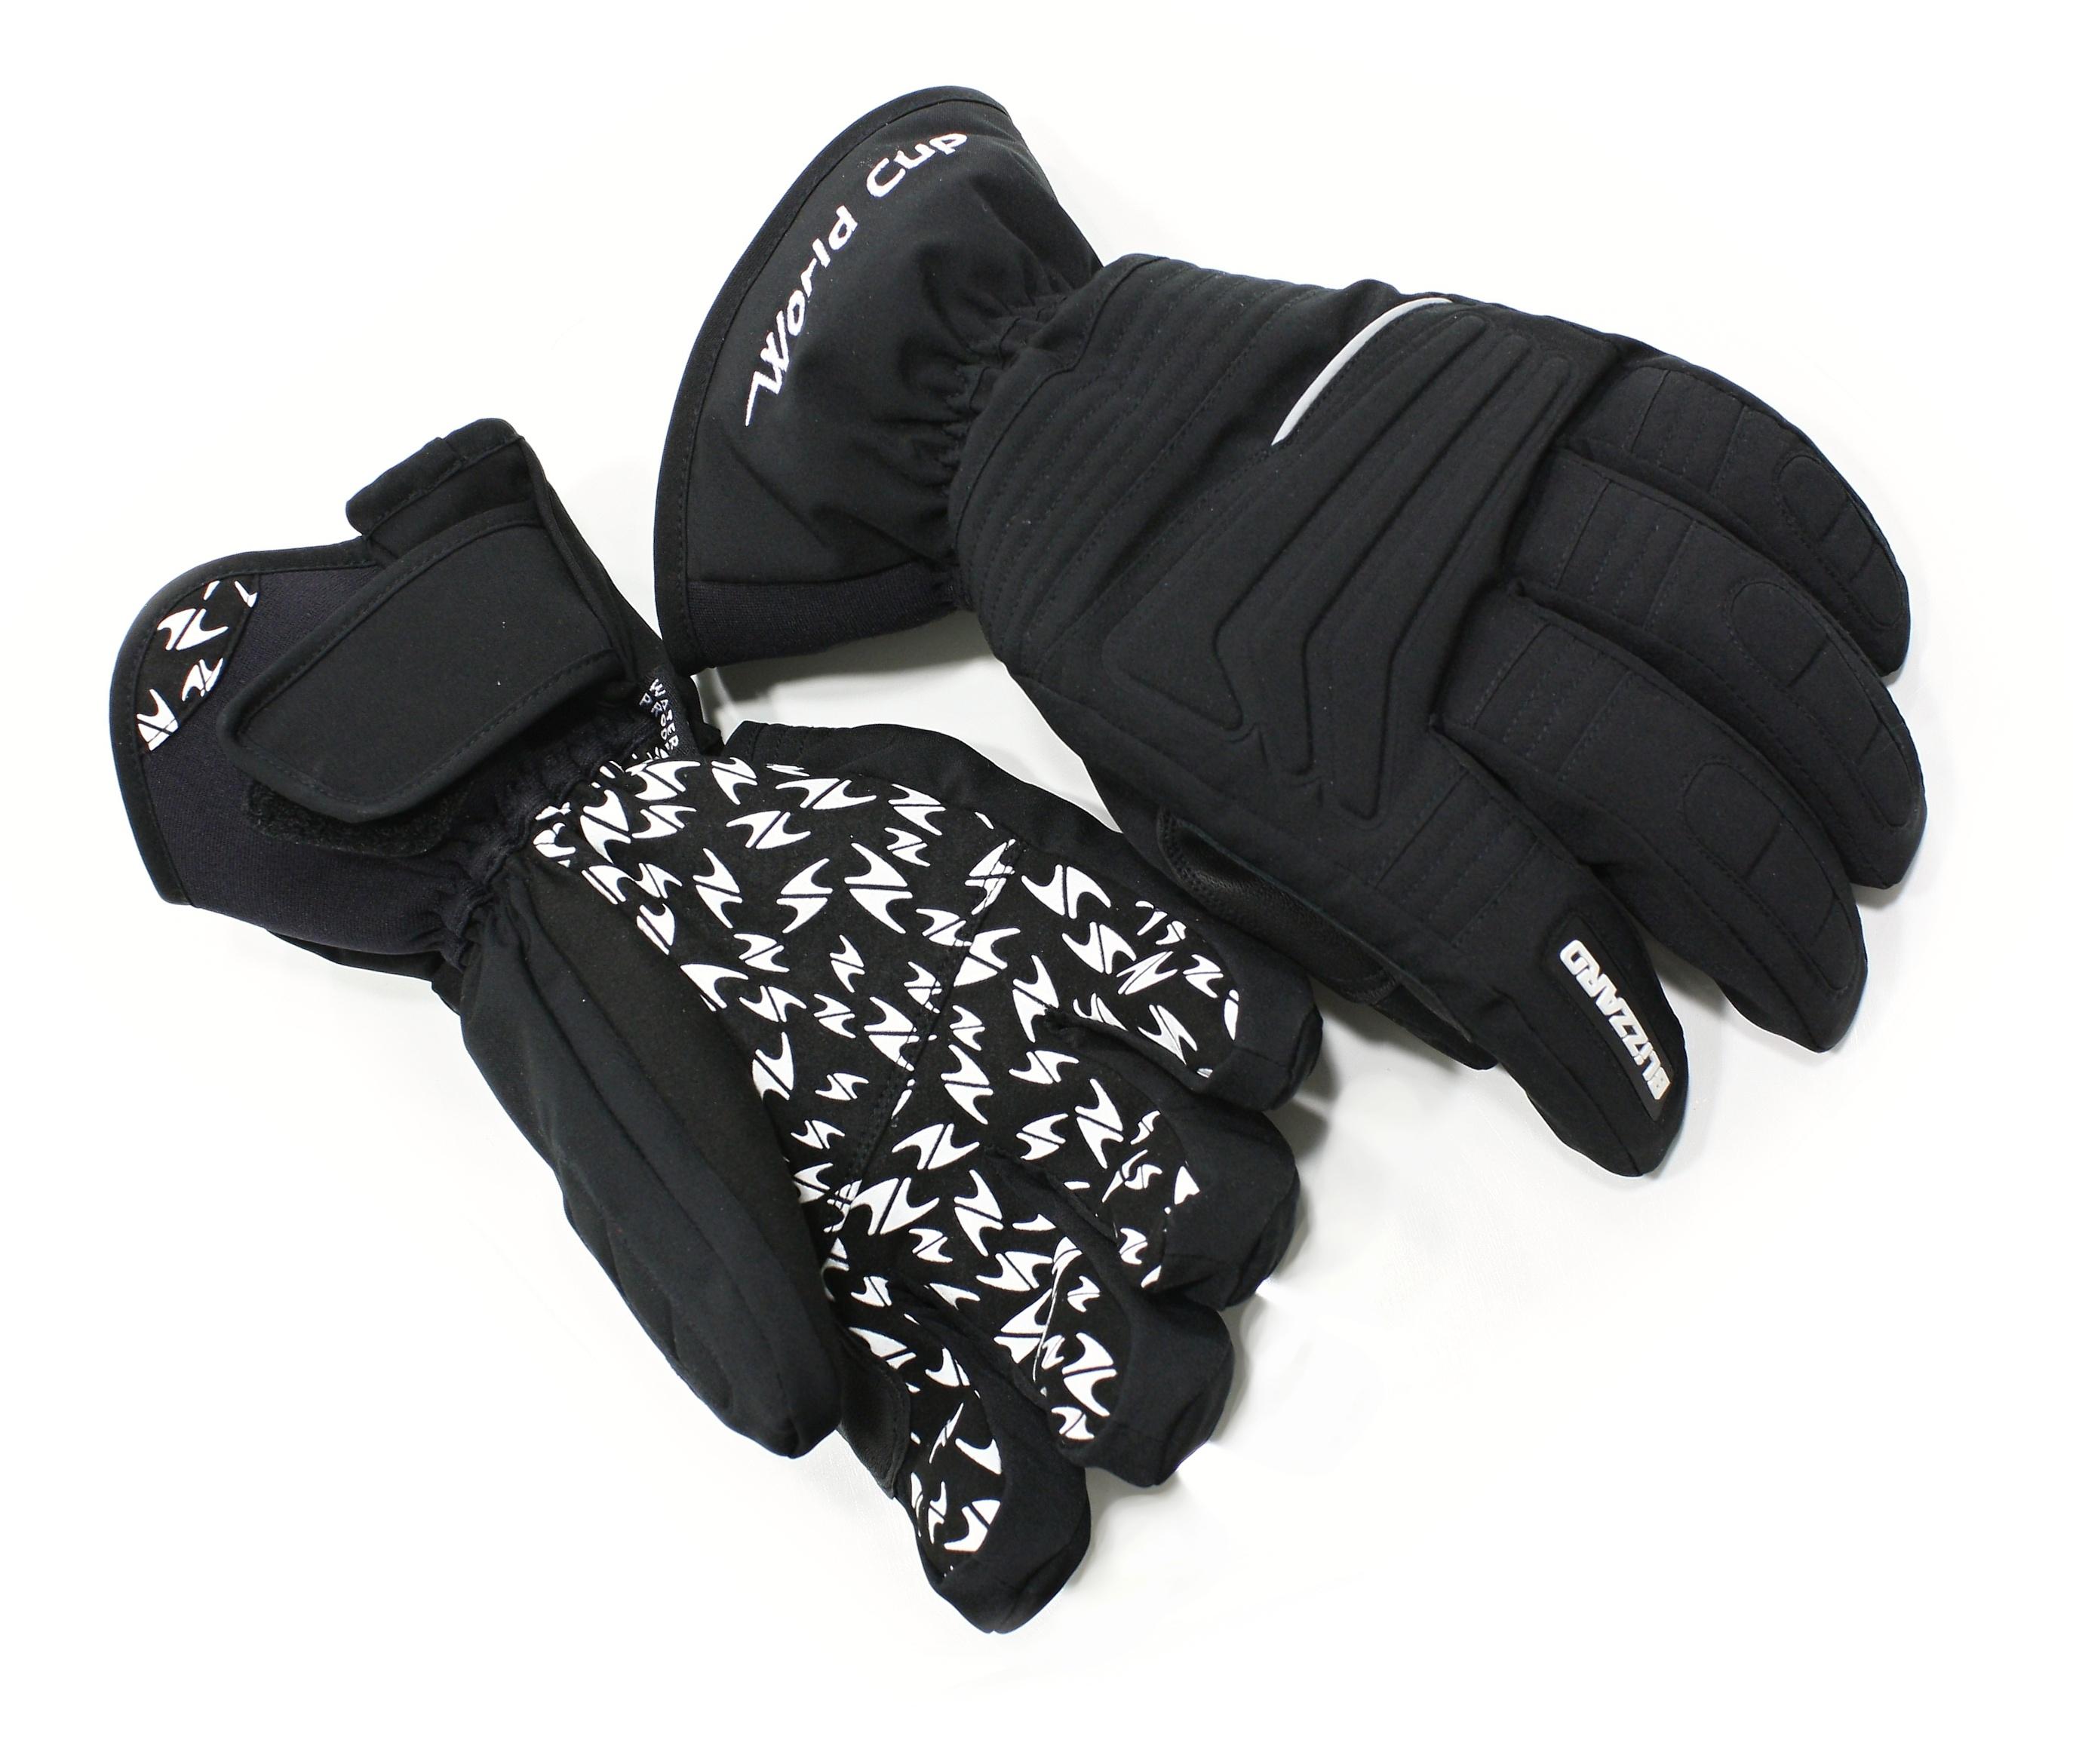 Sjezdové rukavice Blizzard World cup 2017 18 black 33740279f5